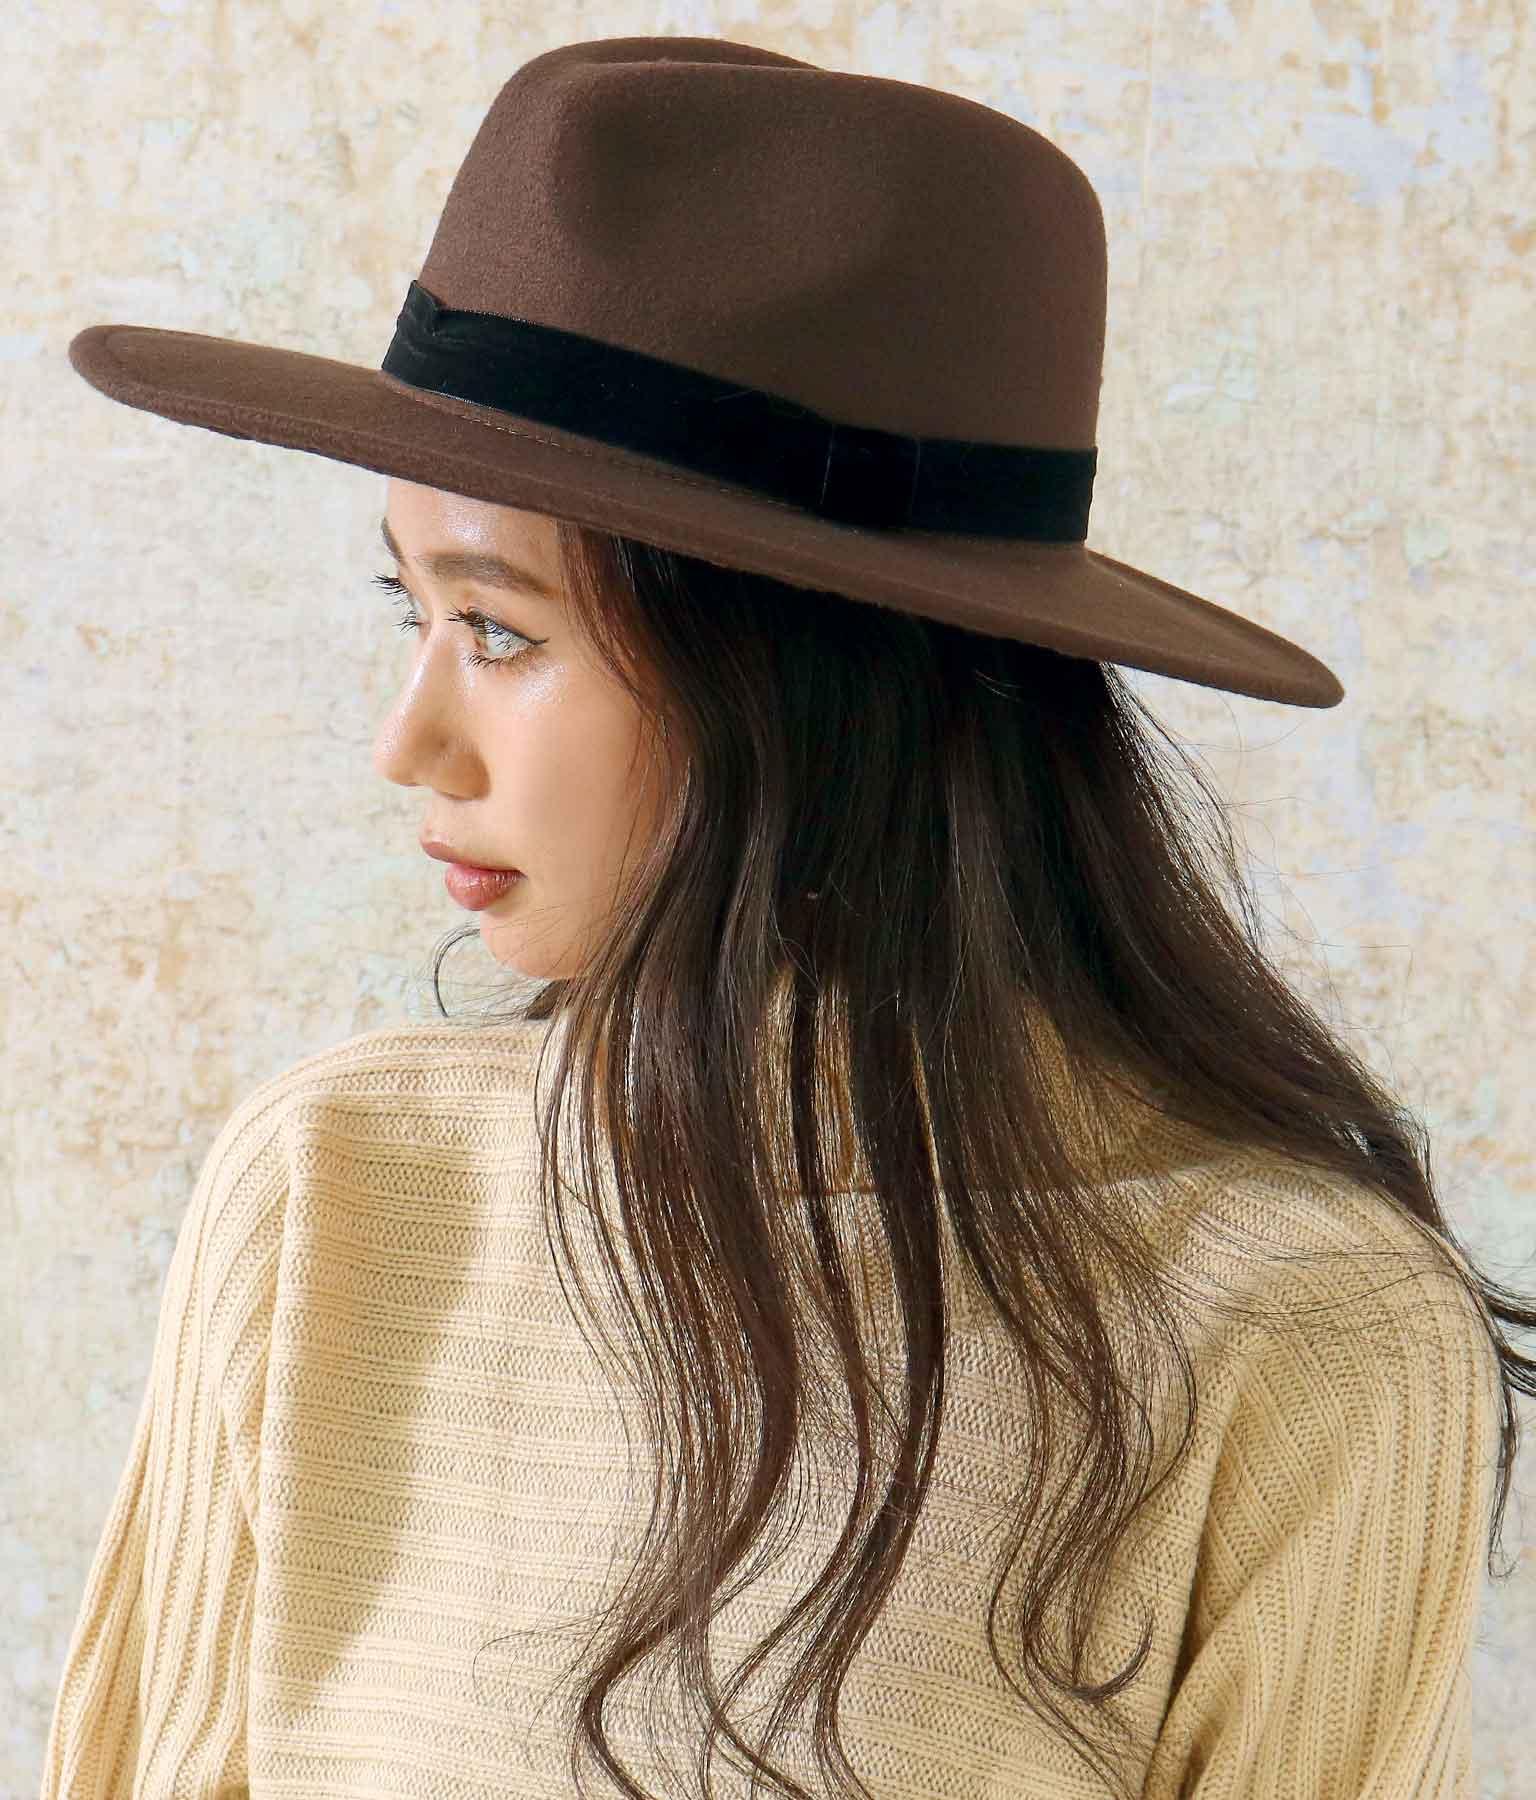 ベロアテープウールライクハット(ファッション雑貨/ハット・キャップ・ニット帽 ・キャスケット・ベレー帽) | ANAP